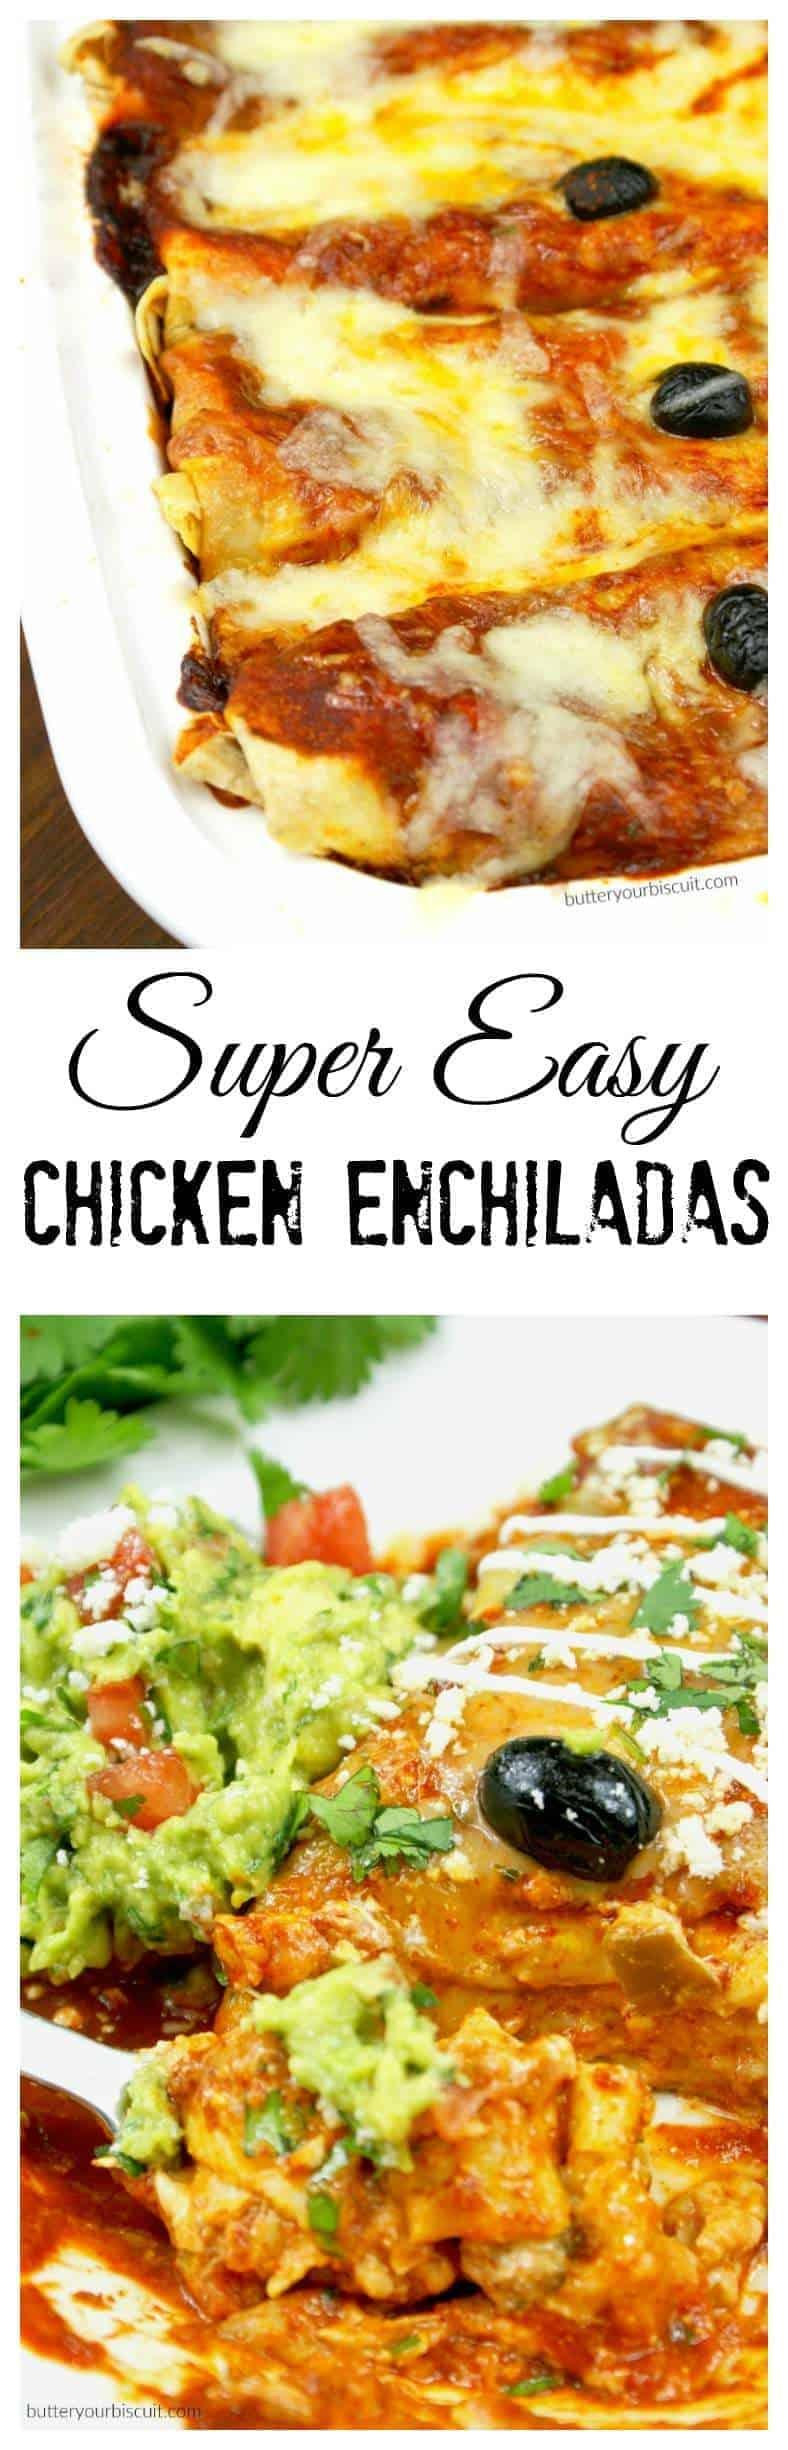 super-easy-chicken-enchiladas-lp-2